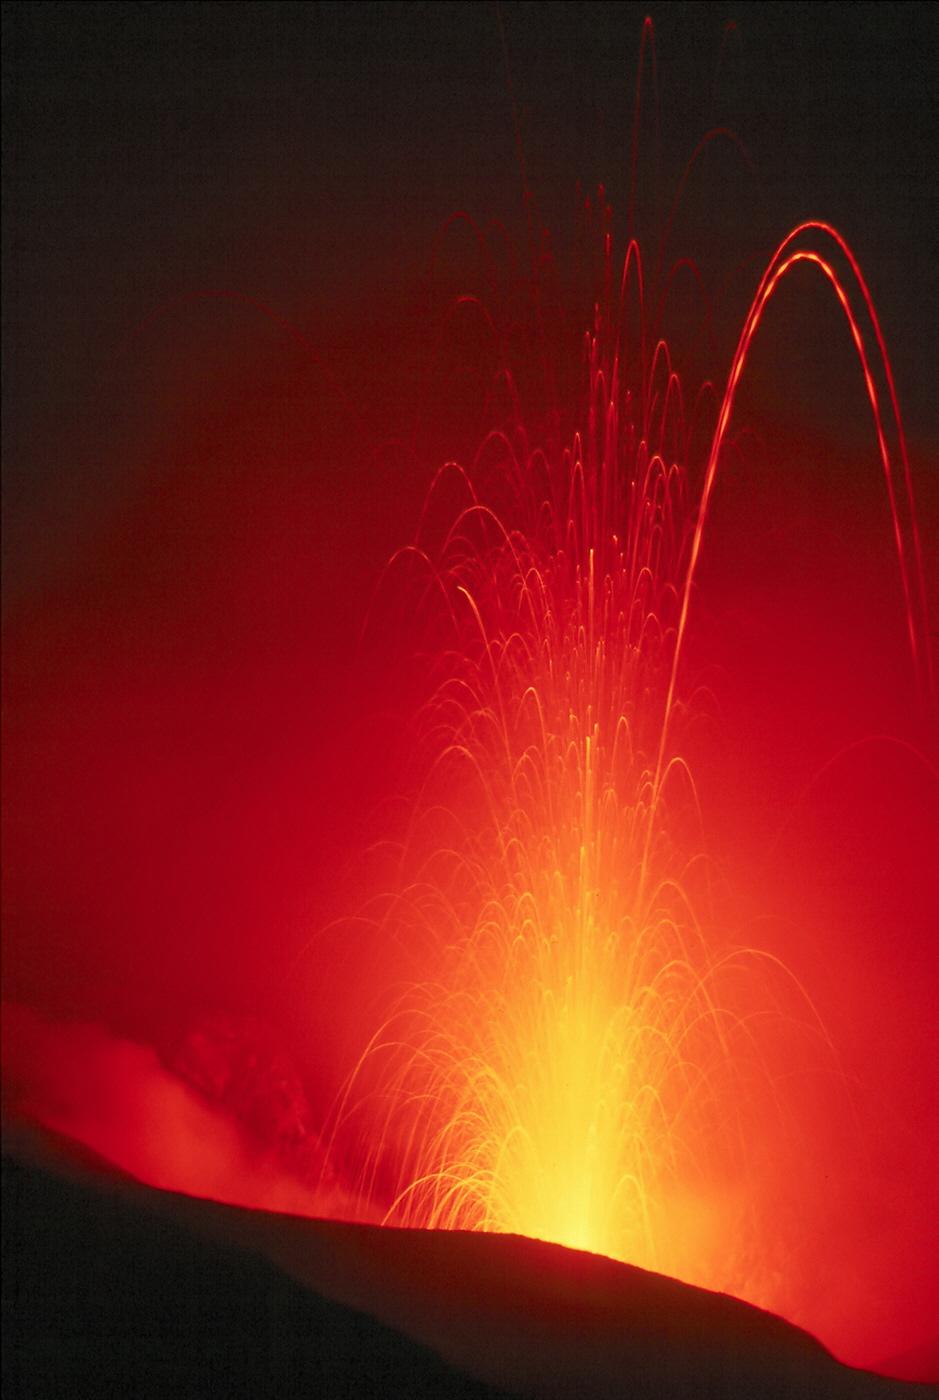 Le teorie sui vulcani? Da rivedere